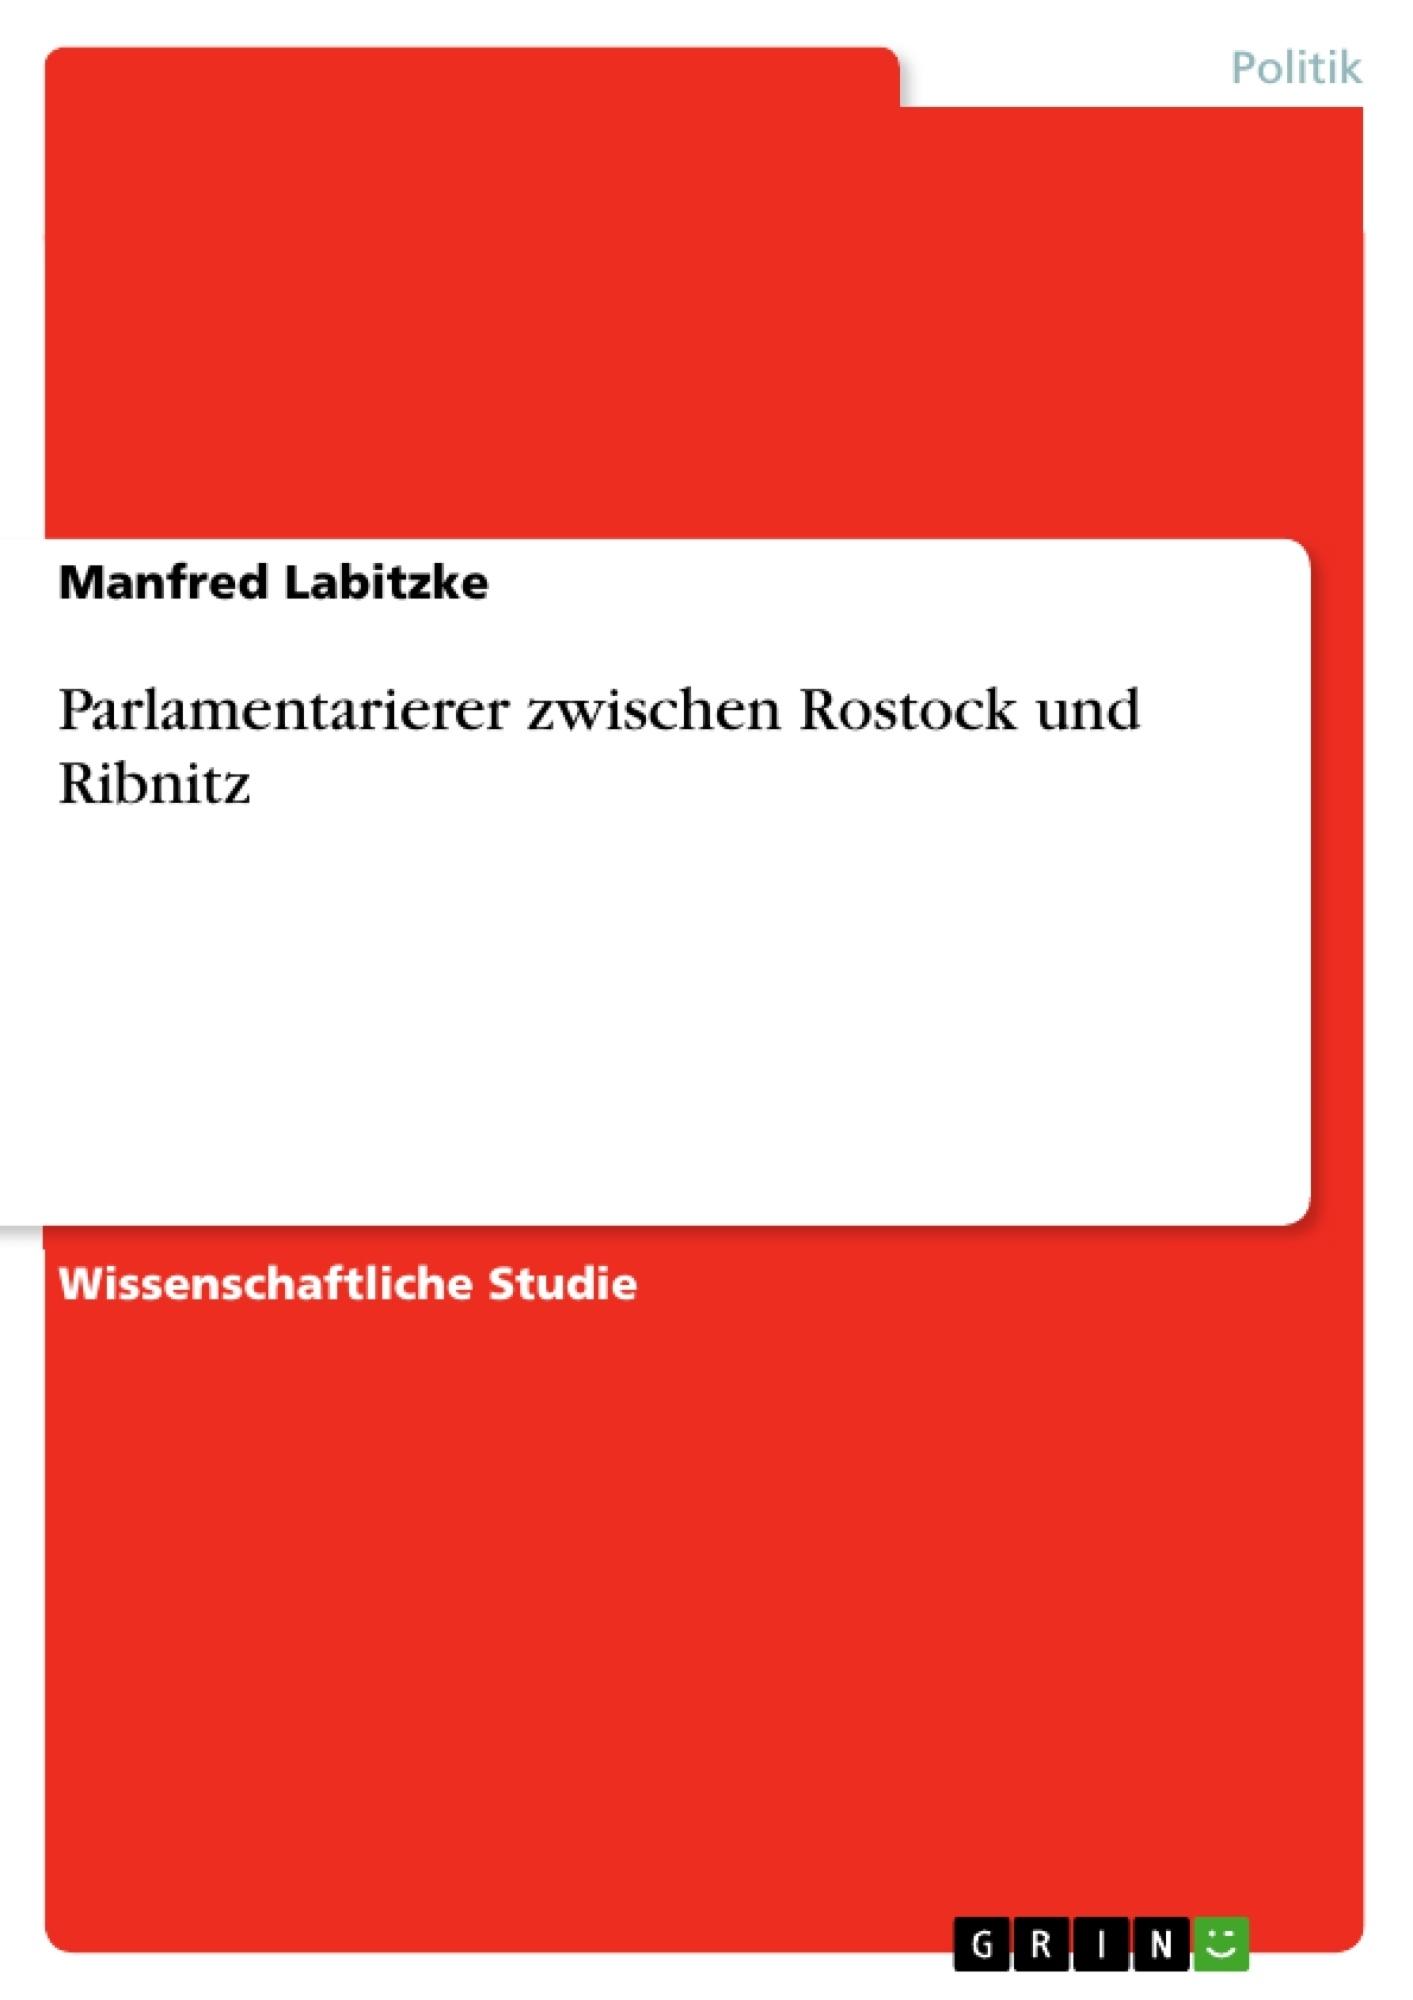 Titel: Parlamentarierer zwischen Rostock und Ribnitz